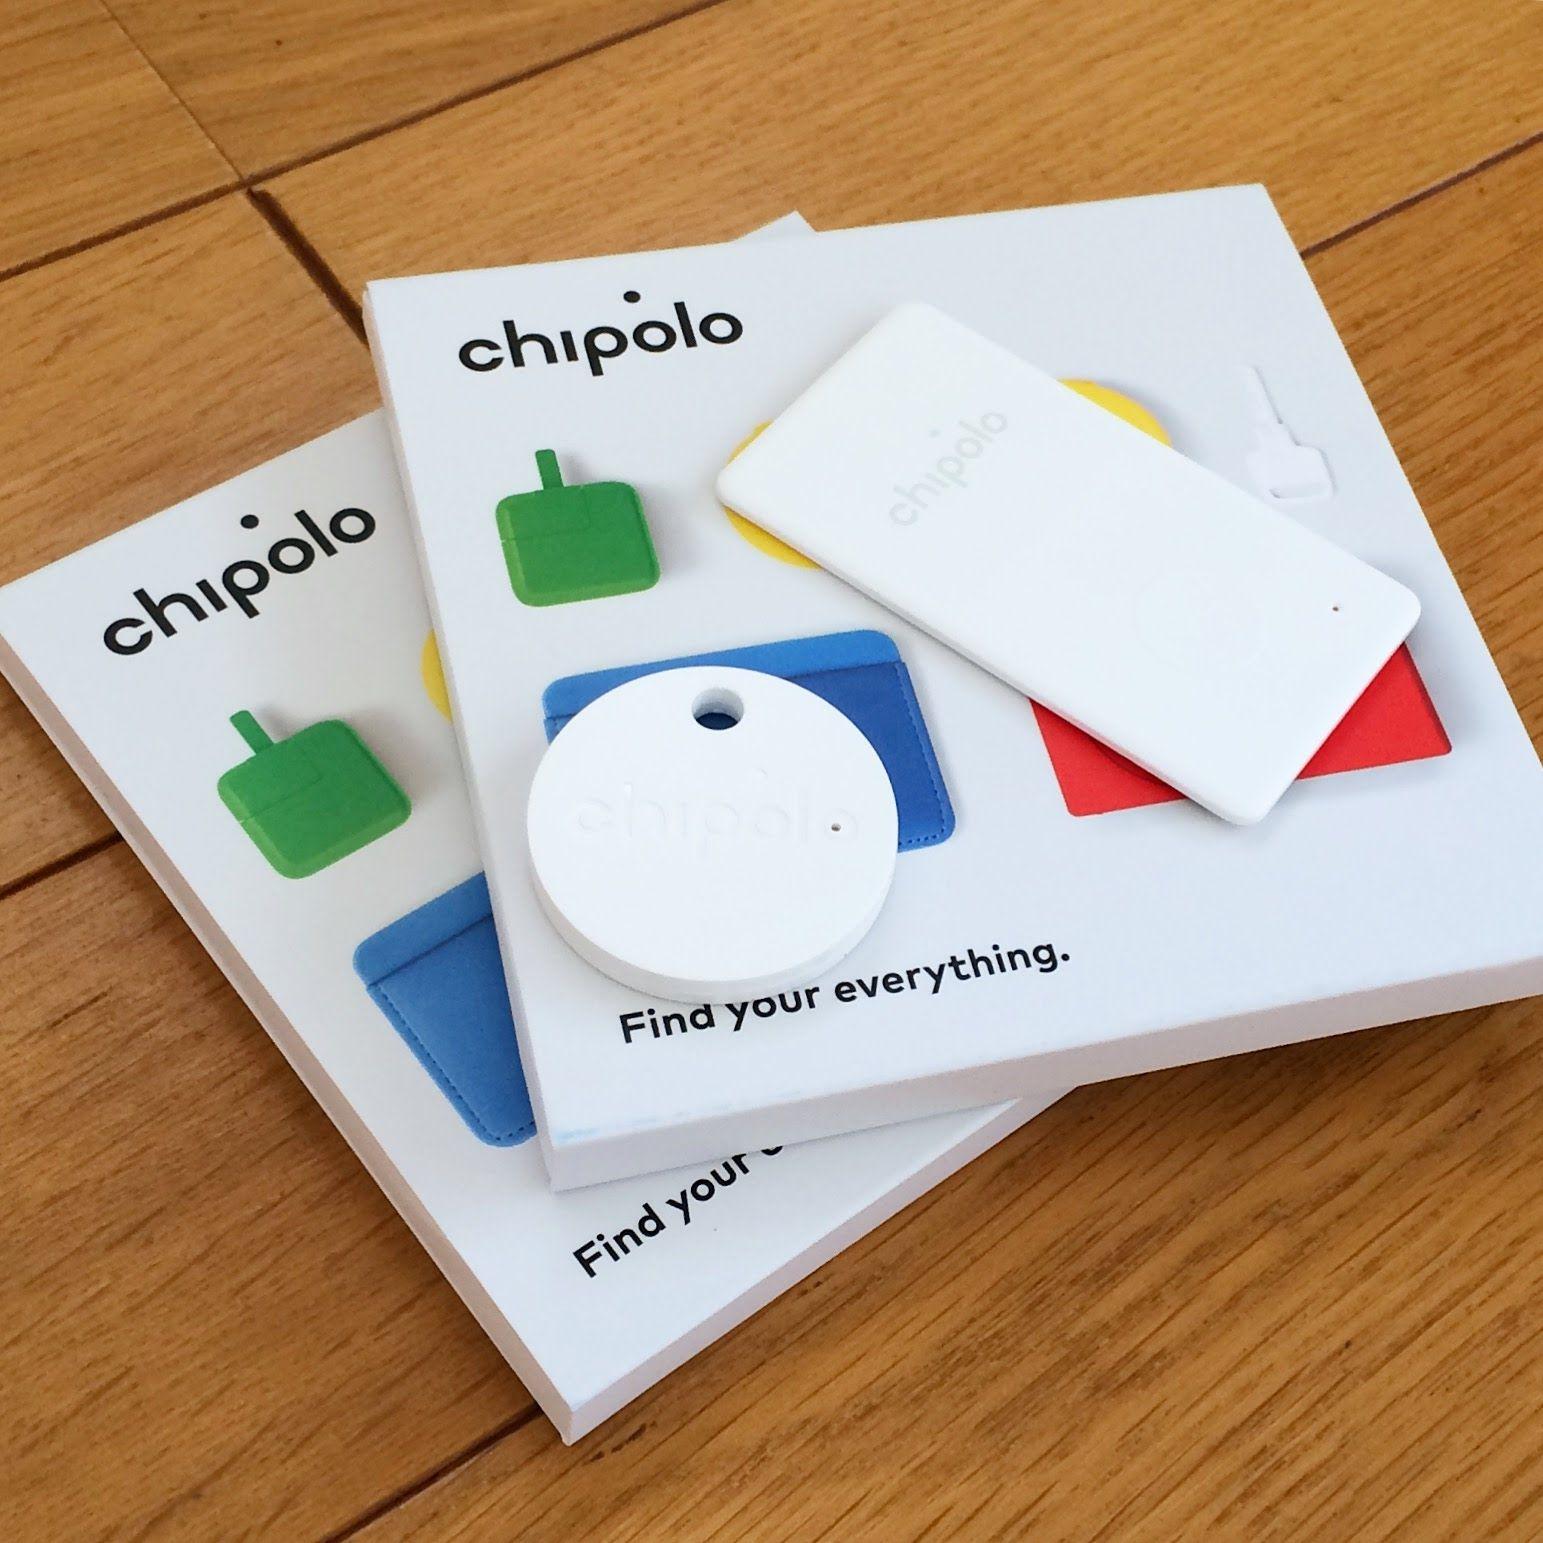 白くて丸いChipolo Classic、白くて四角いChipolo Card、そしてカラフルなデバイスがプリントされた化粧箱